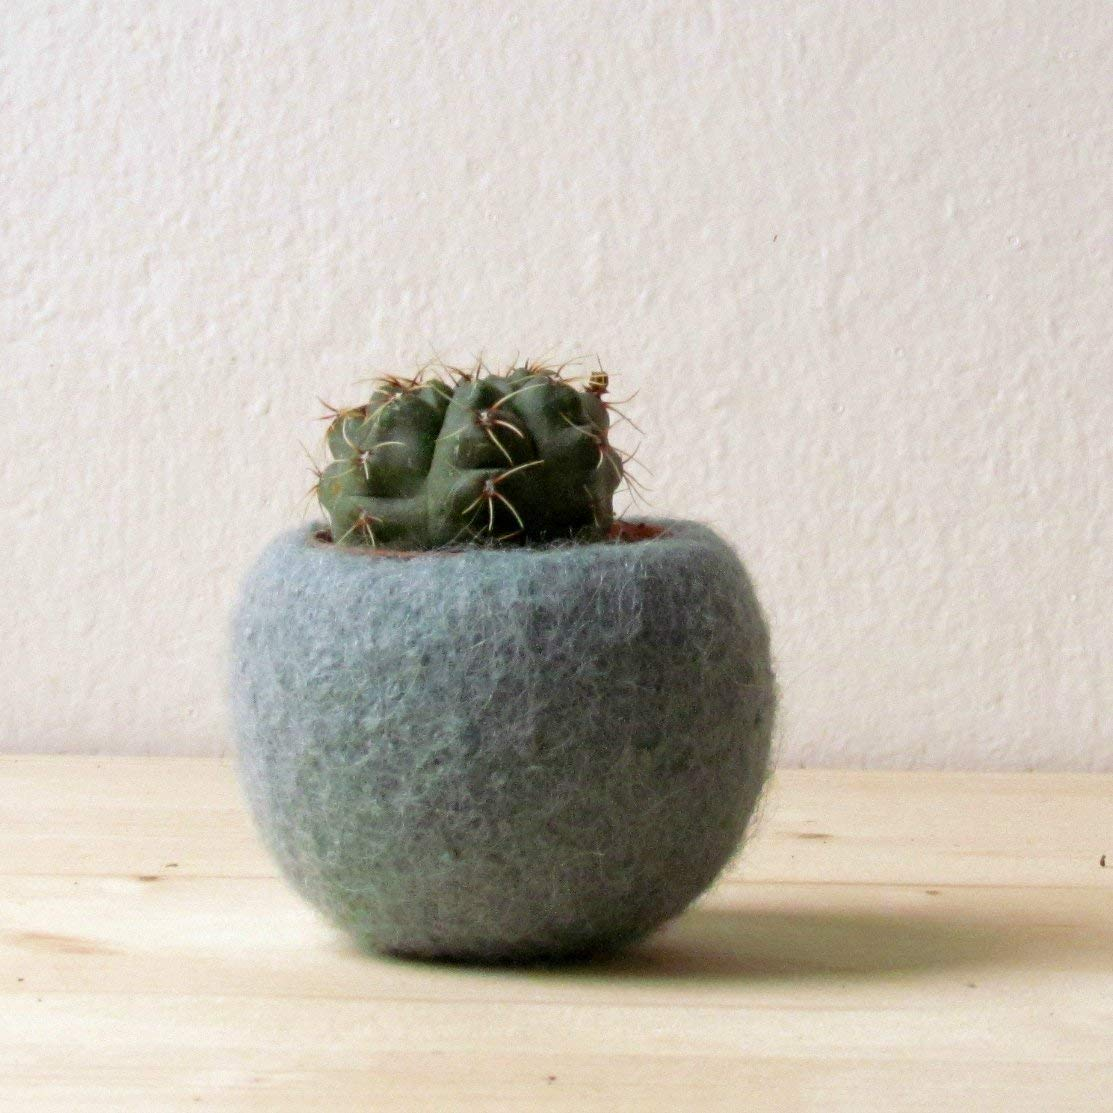 Succulent planter/air plant holder/cactus pot/plant vase/modern decor/winter decor